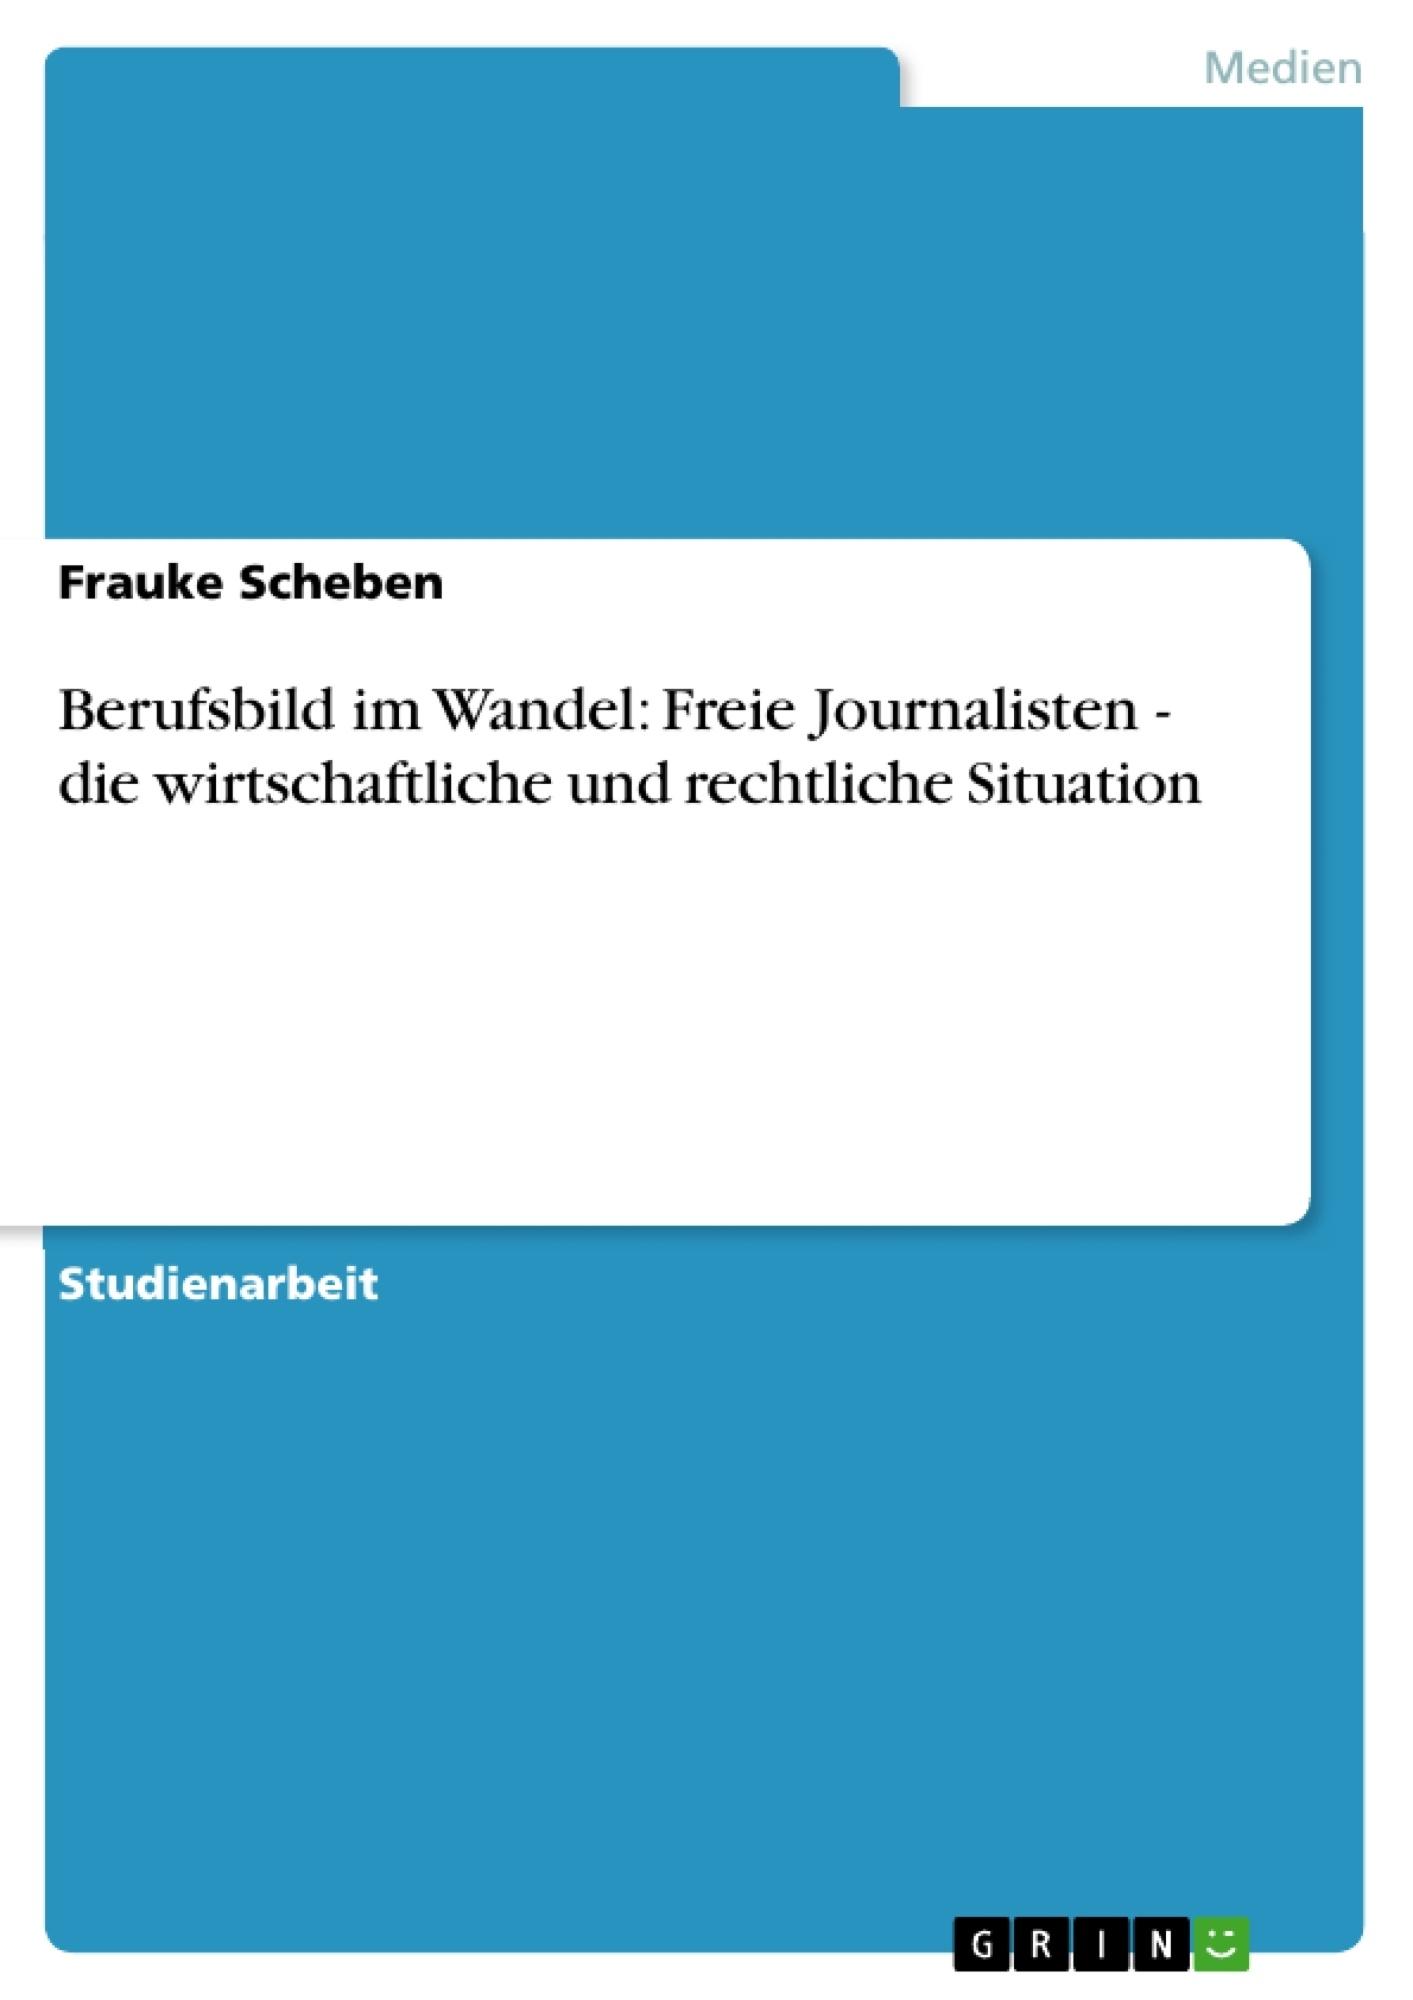 Titel: Berufsbild im Wandel: Freie Journalisten - die wirtschaftliche und rechtliche Situation